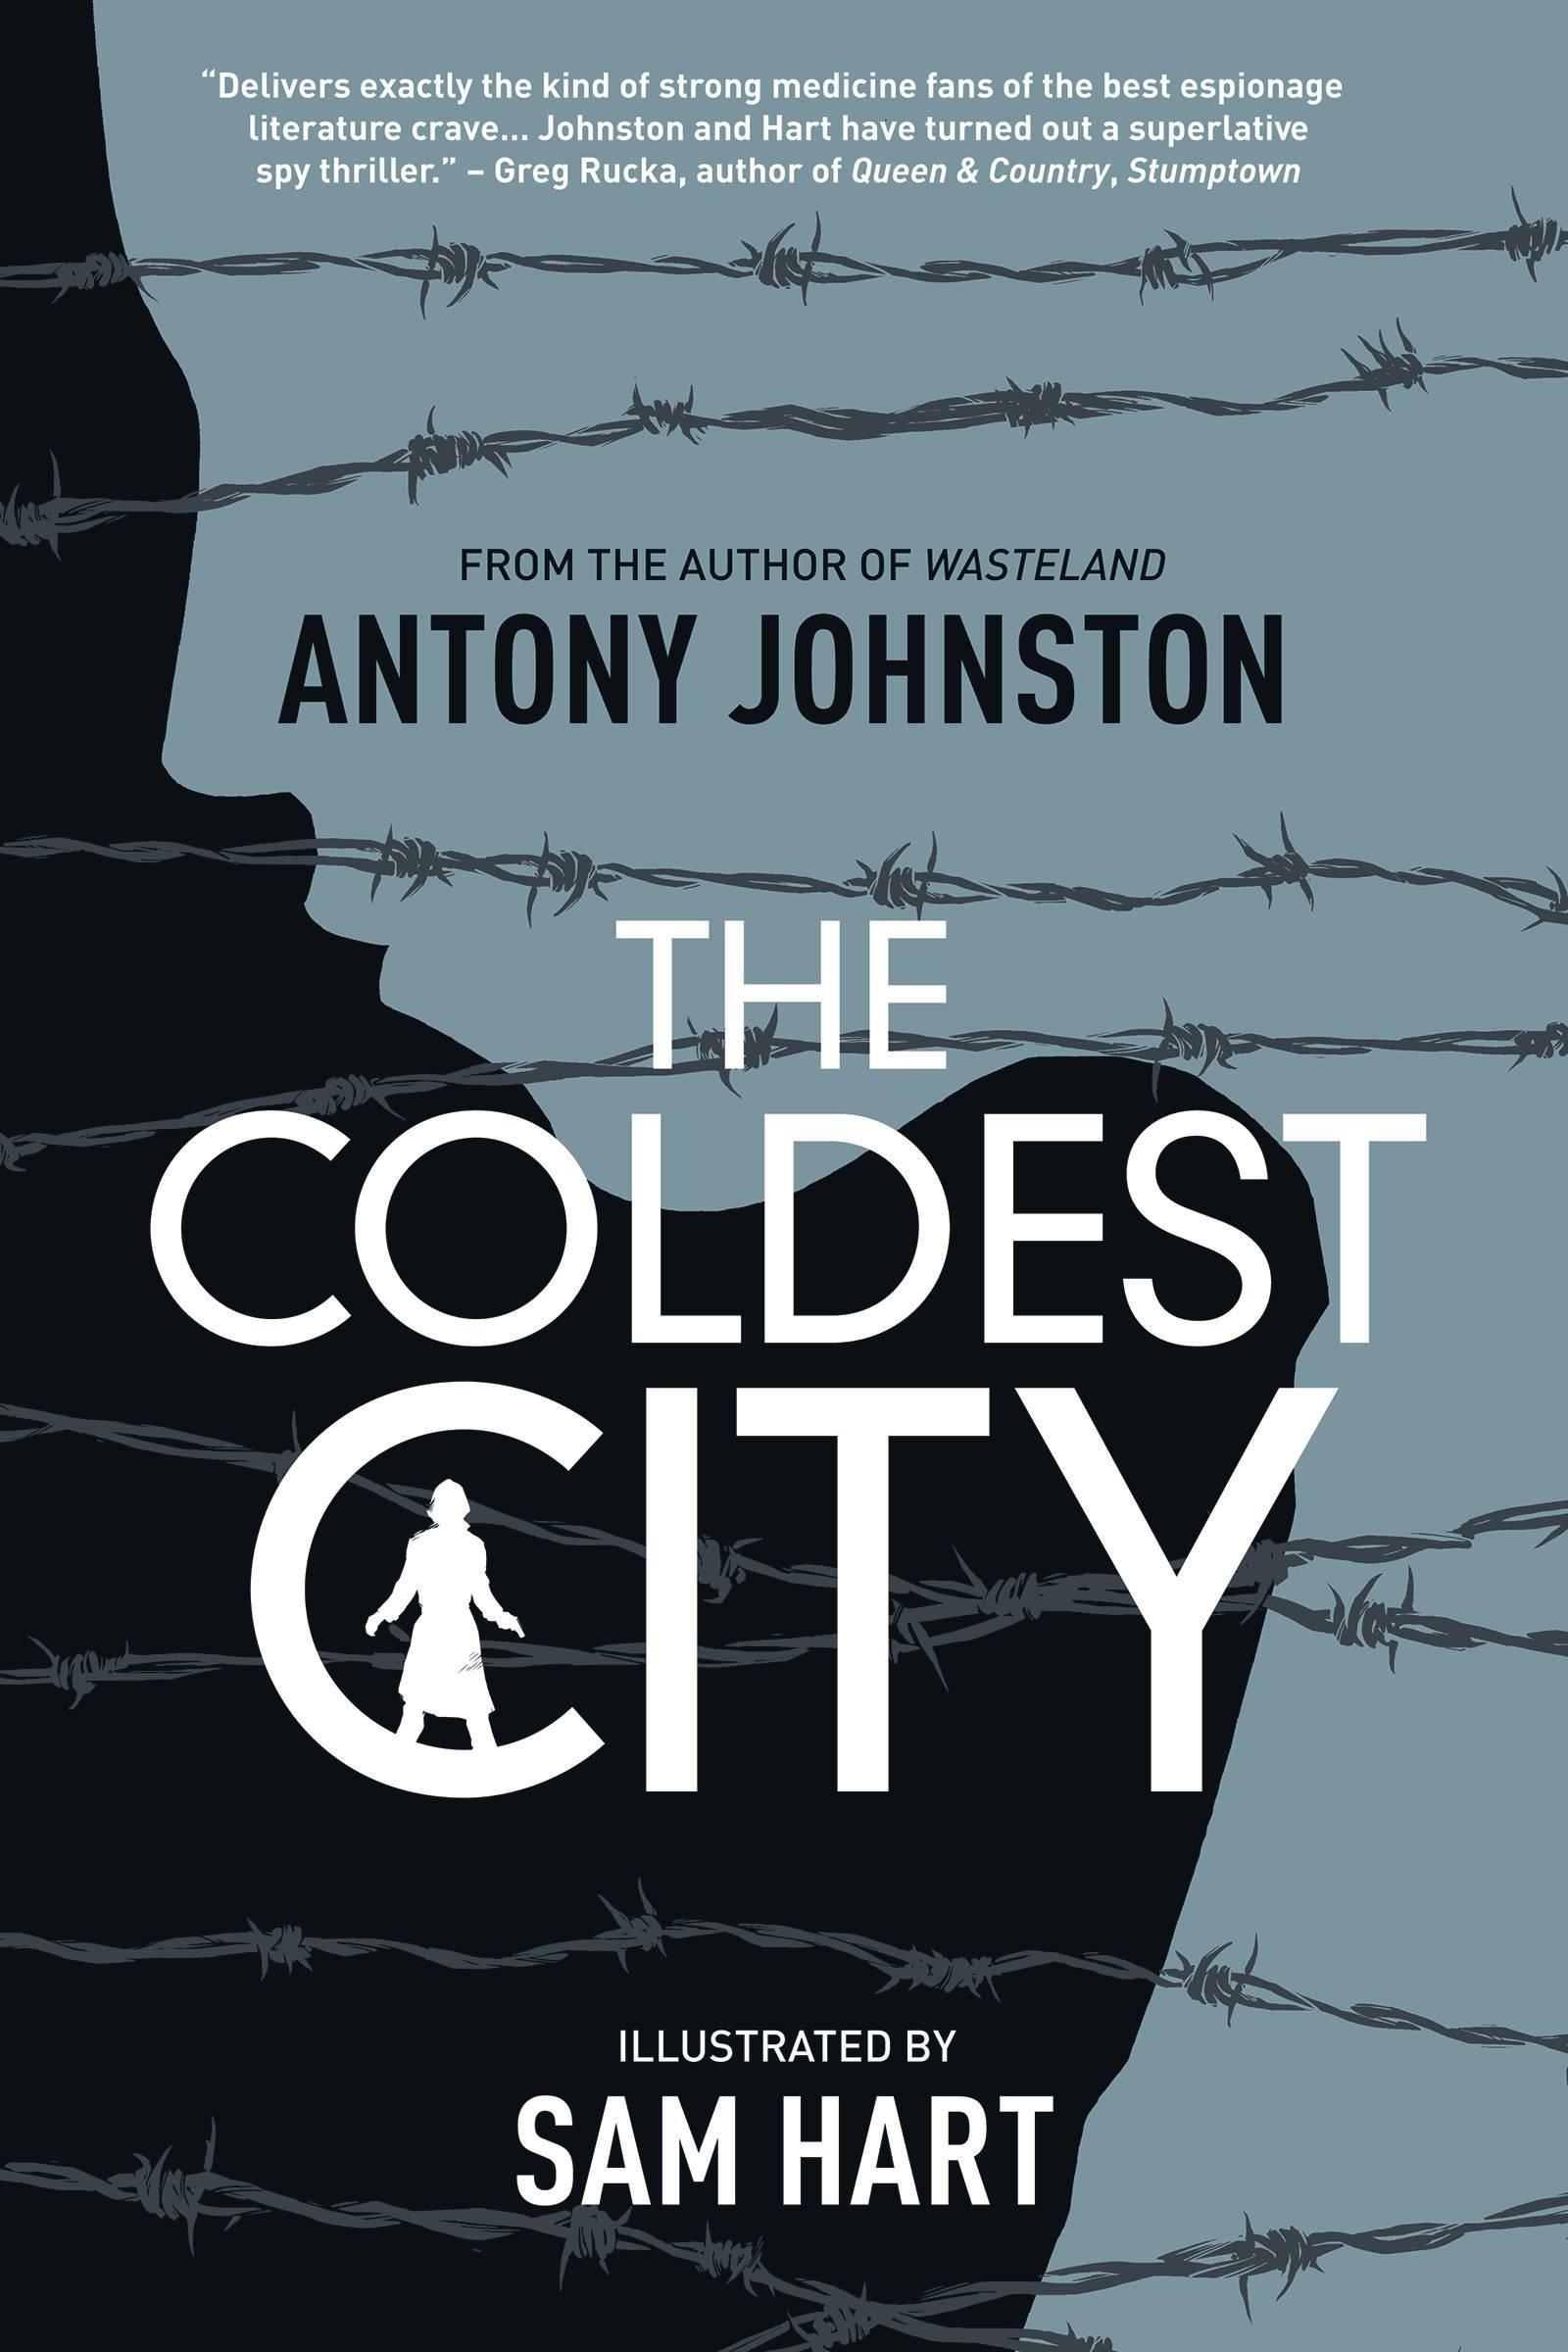 Capa original de The Coldest City, ou A Cidade Mais Fria, graphic novel de Antony Johnston e ilustrada por Sam Hart. A capa mostra uma silhueta feminina atrás de arama farpado.